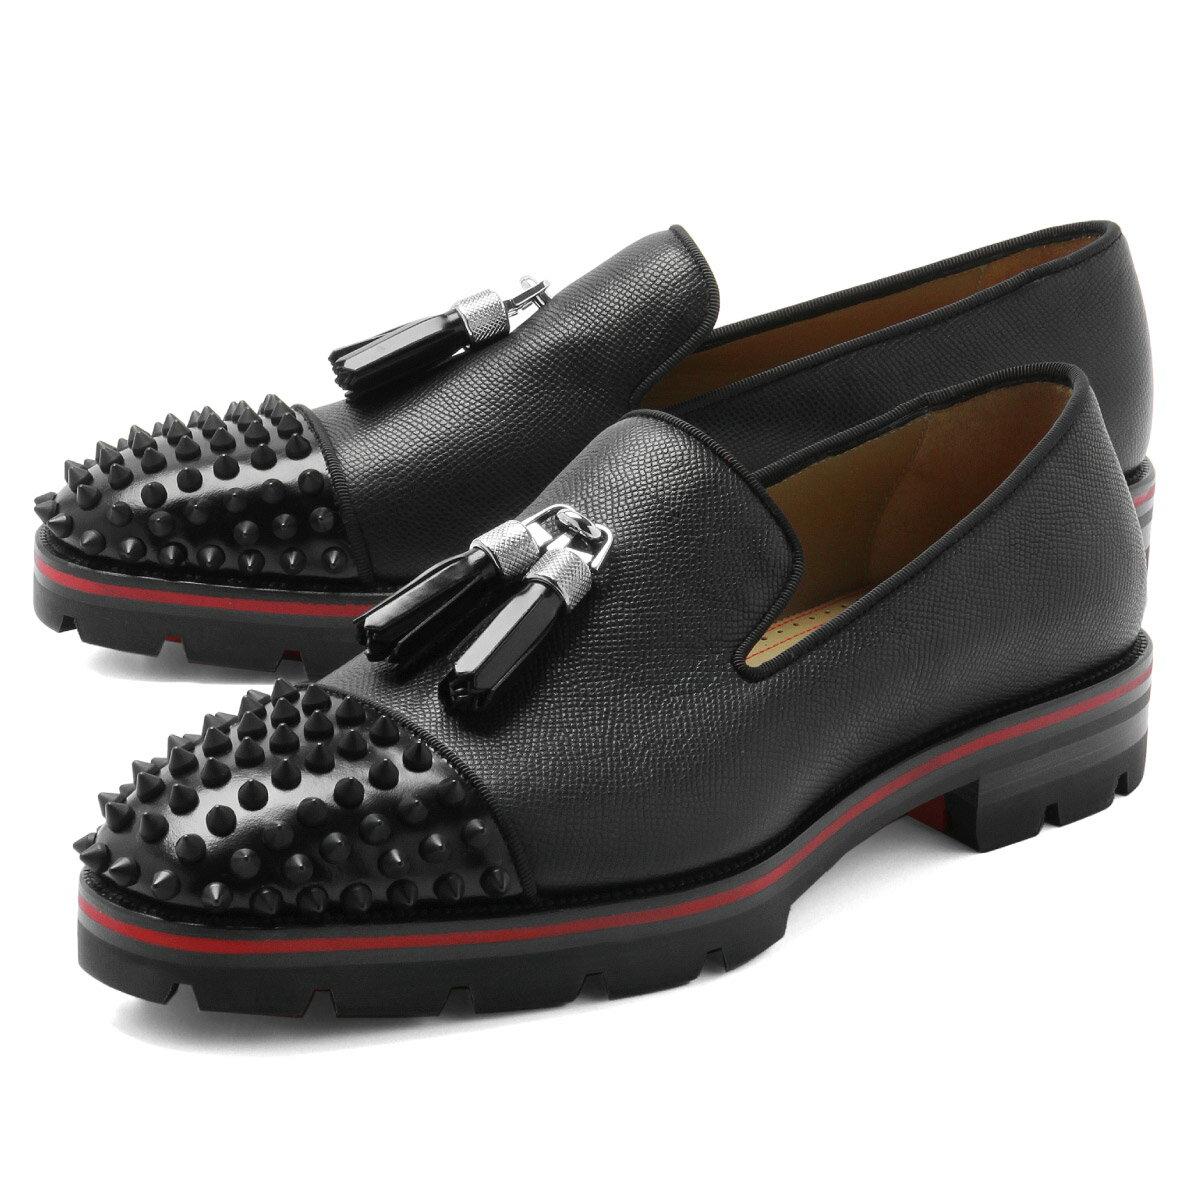 クリスチャン ルブタン Christian Louboutin シューズ メンズ 3180371 B026 スリッポン RIVARO リバロ BLACK/BLACK MAT ブラック